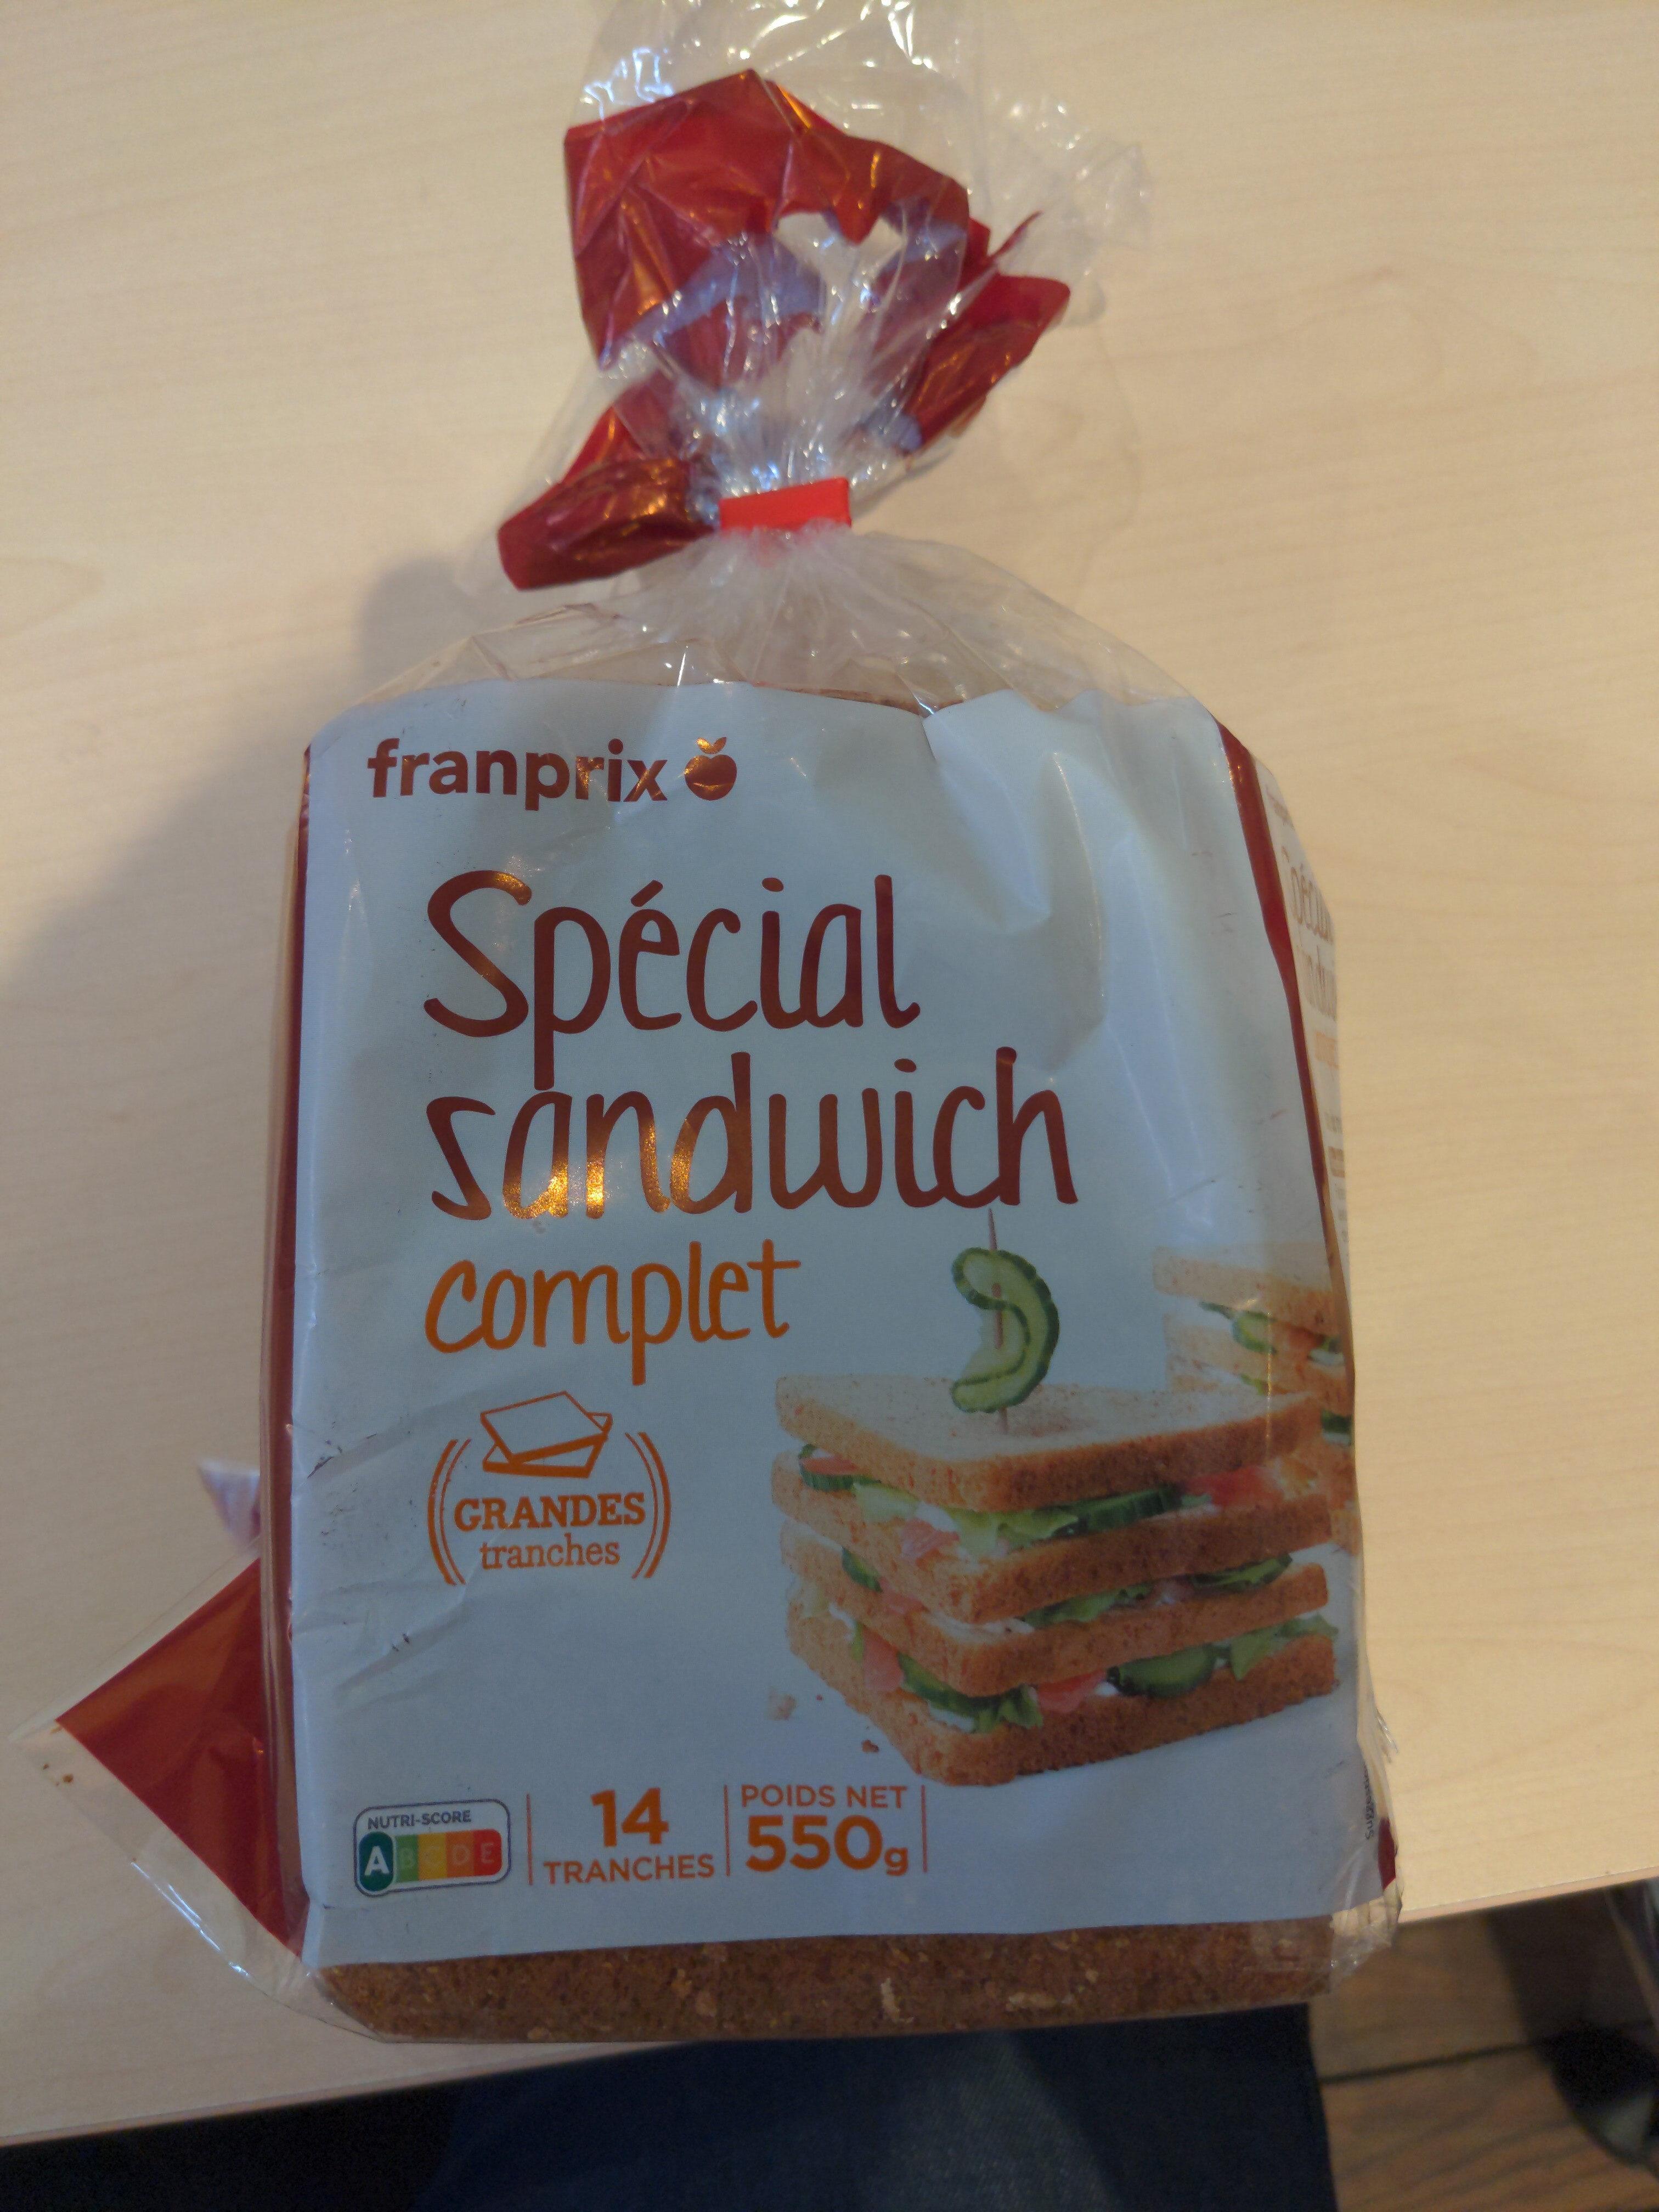 Spécial sandwich complet - Prodotto - fr